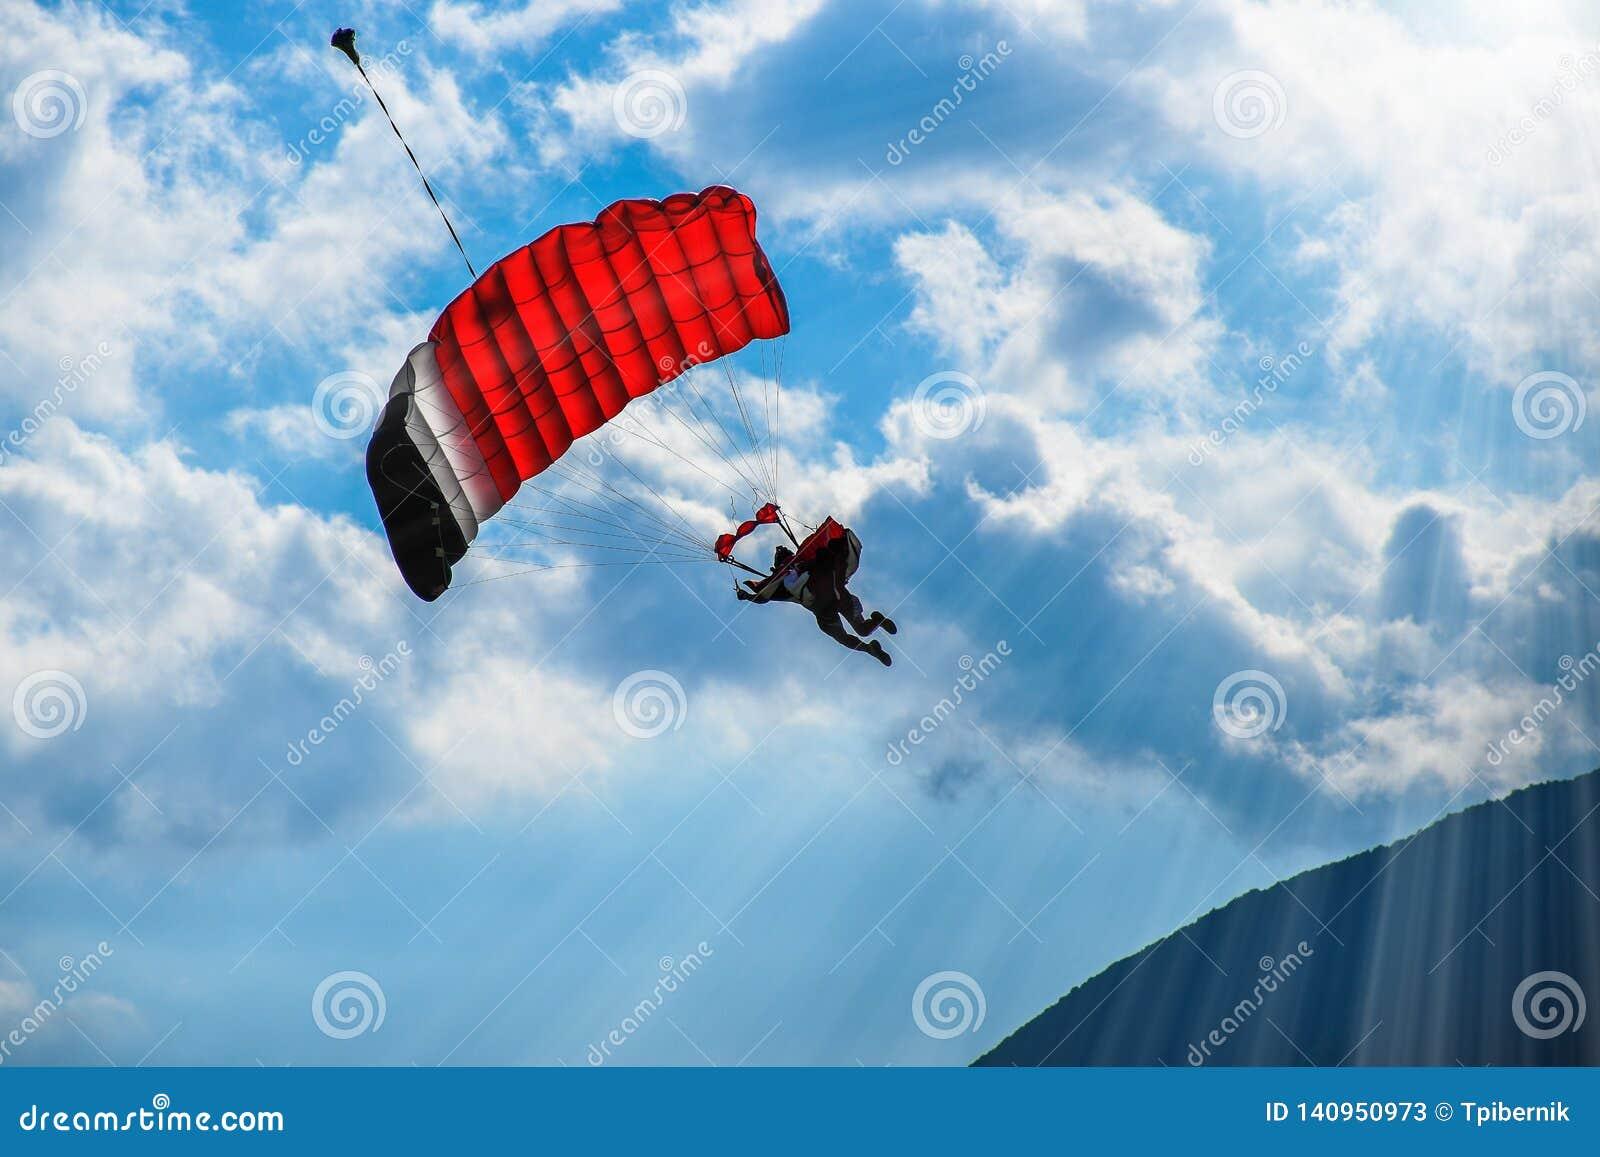 Ανεμόπτερο με το κόκκινο αλεξίπτωτο που πετά στο μπλε ουρανό